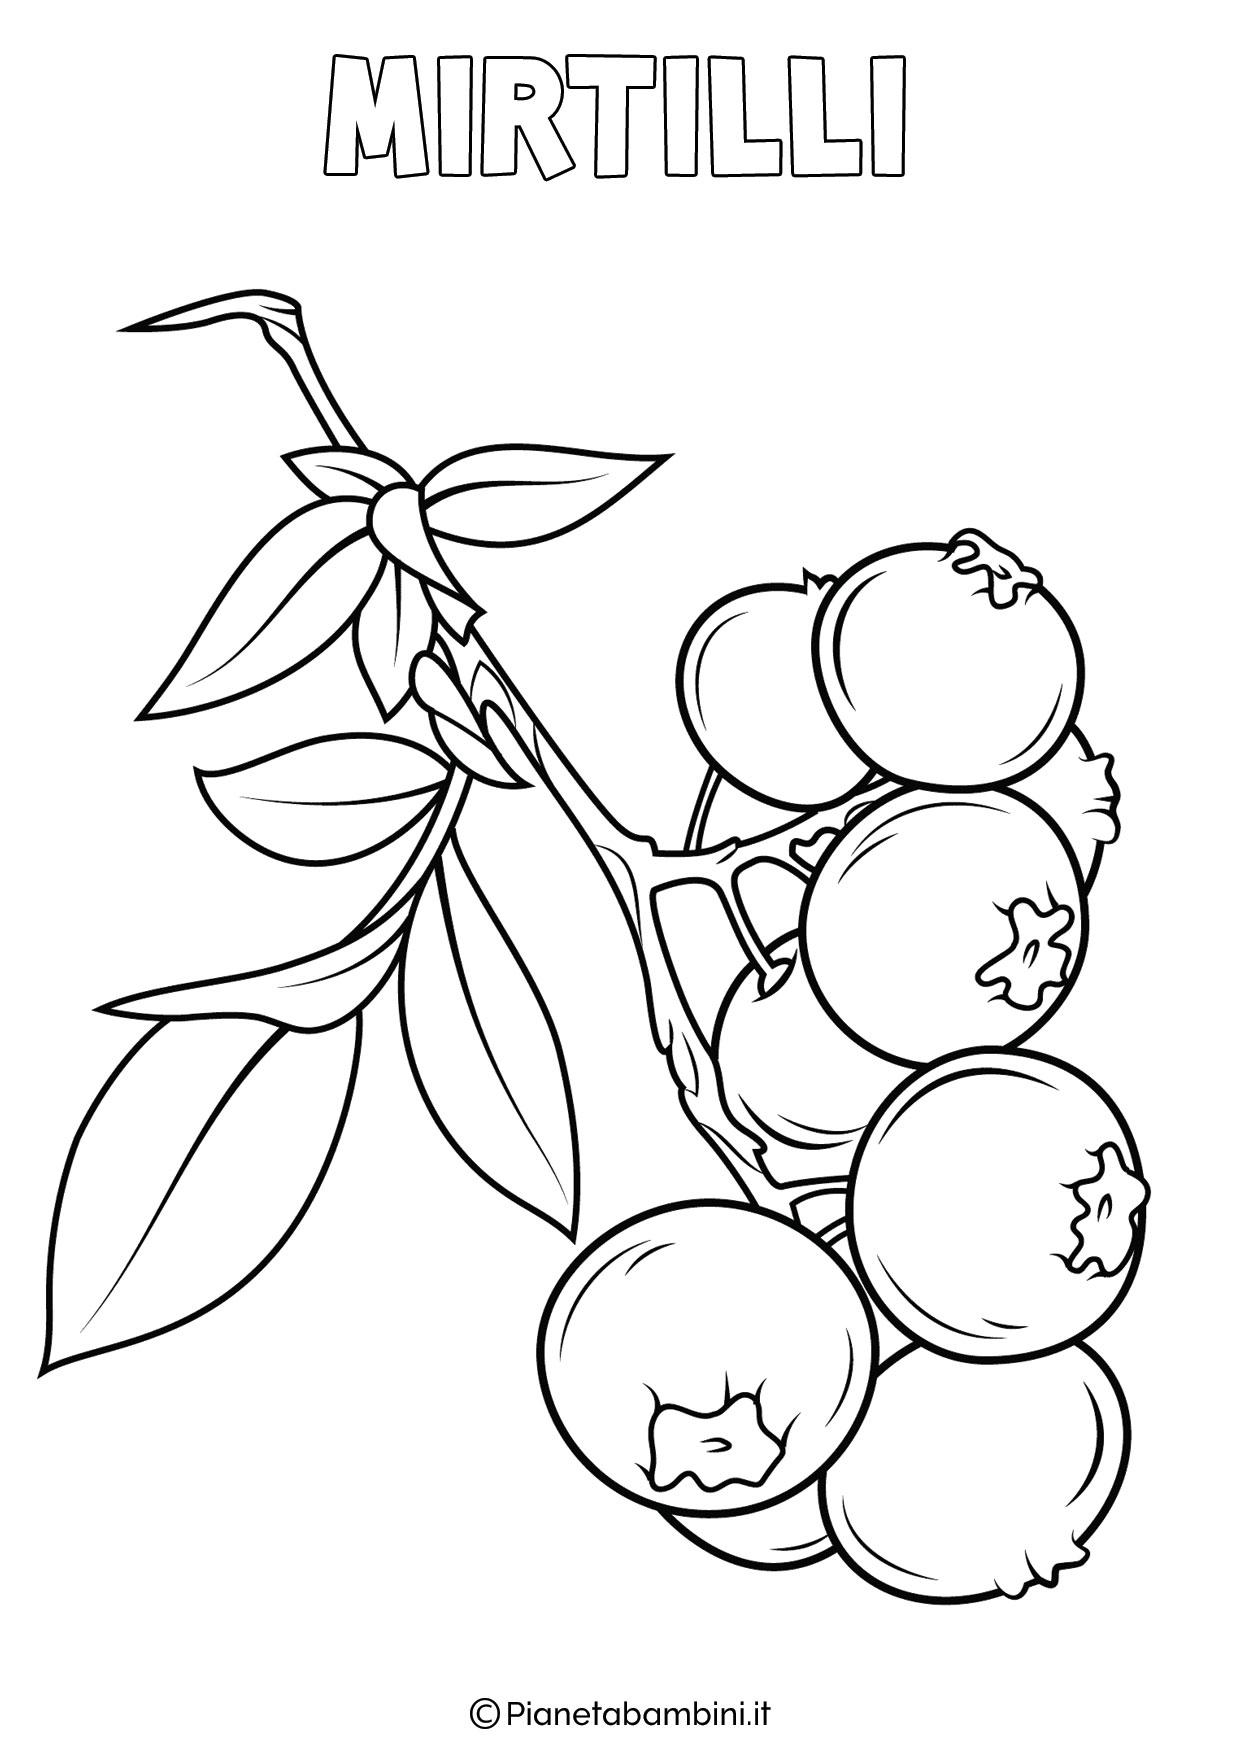 Disegno di mirtilli da colorare